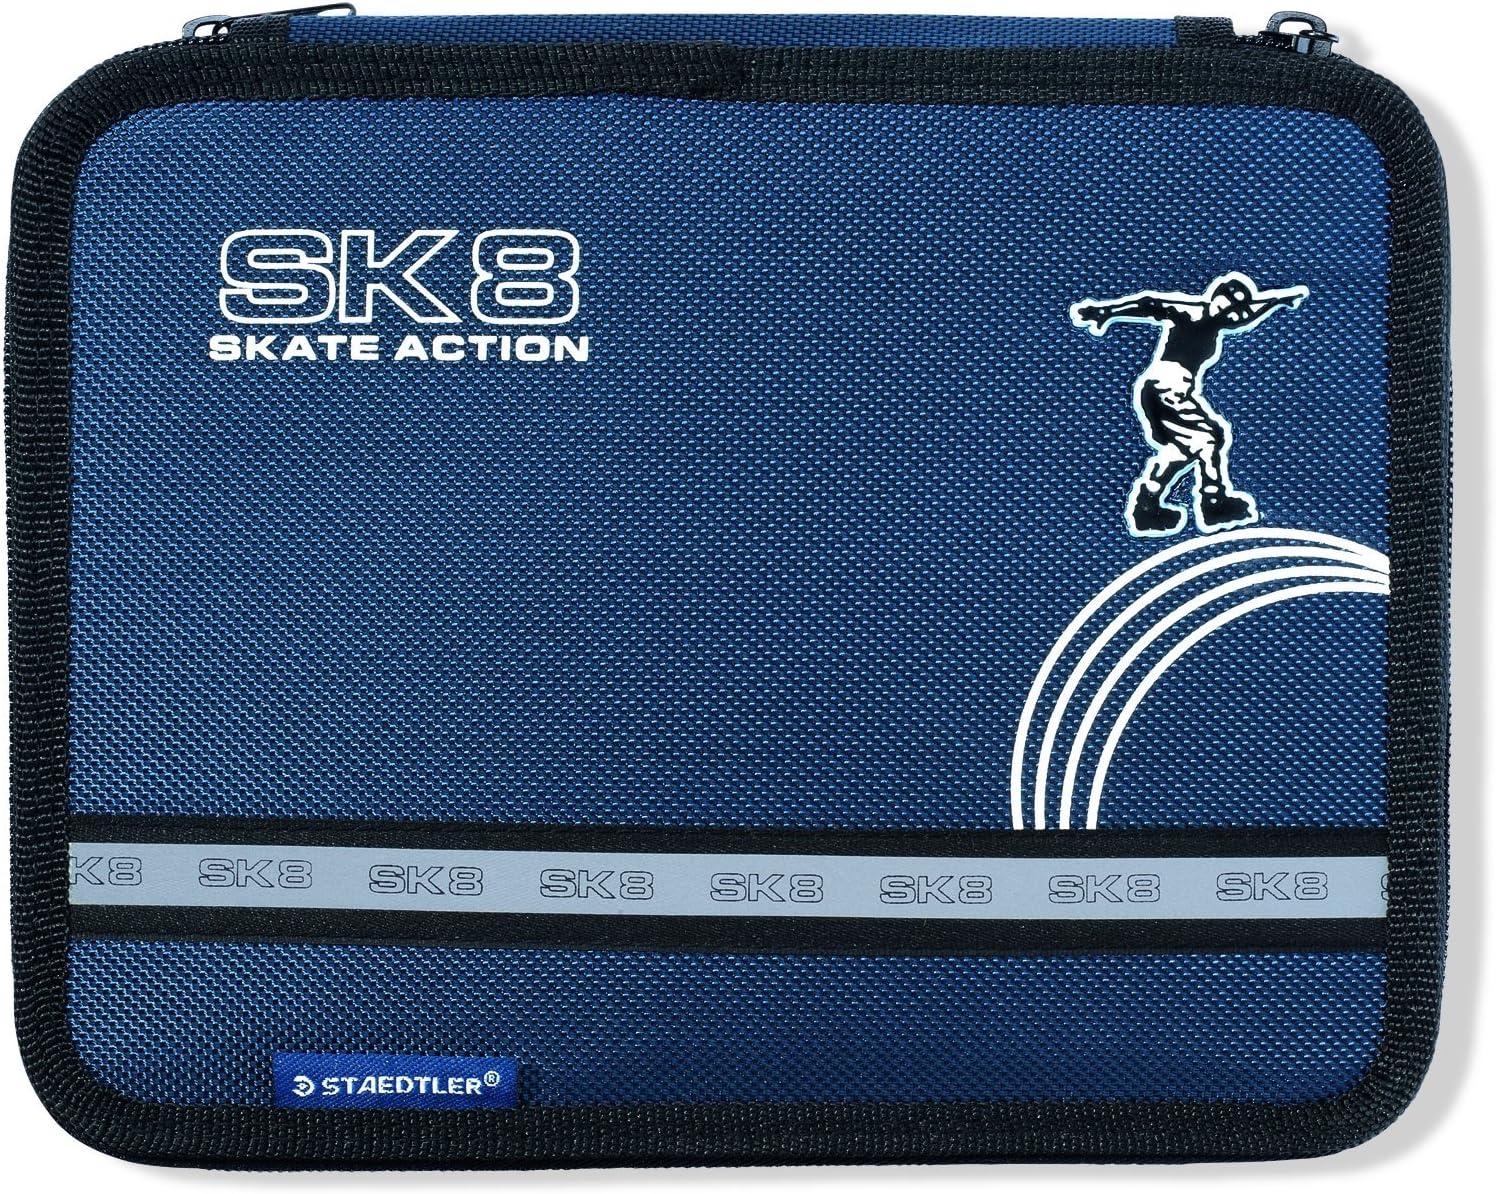 Staedtler 134158 - Pack de 2 pisos, color azul: Amazon.es: Oficina y papelería